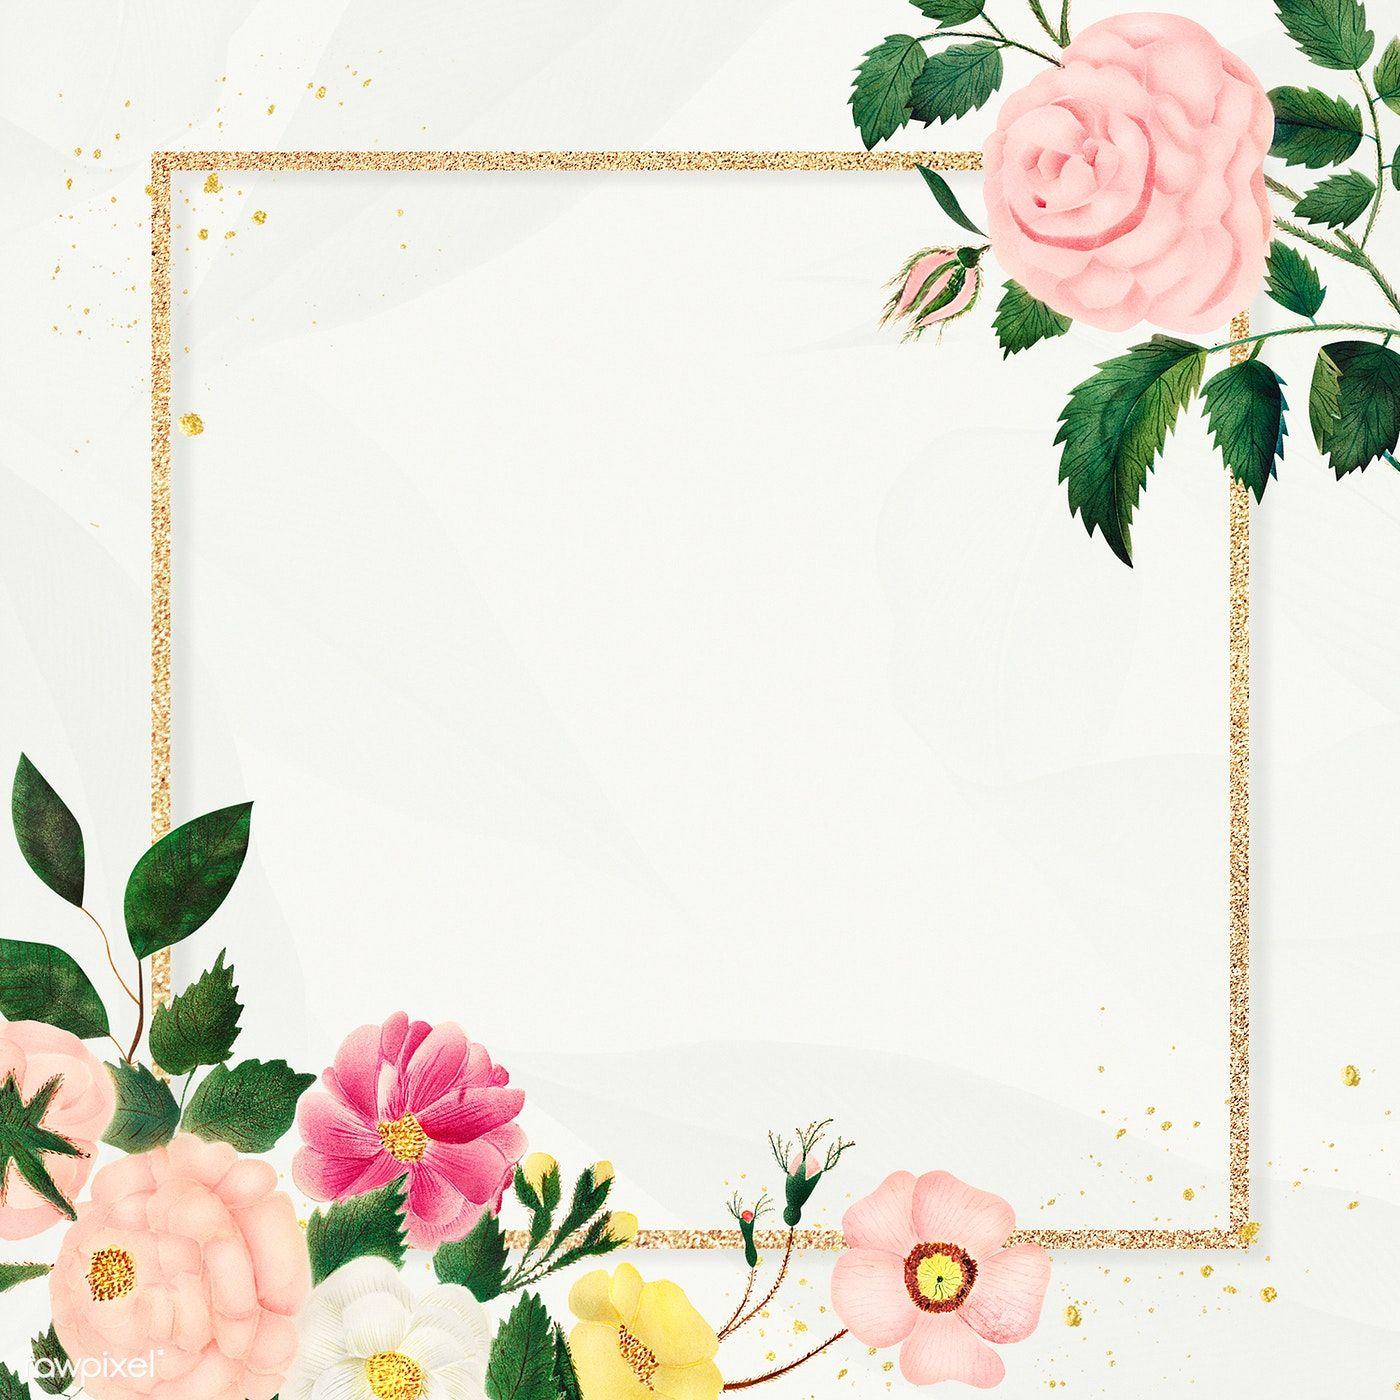 Download Premium Illustration Of Vintage Flower Frame Illustration 2209069 In 2020 Flower Frame Vintage Flowers Frame